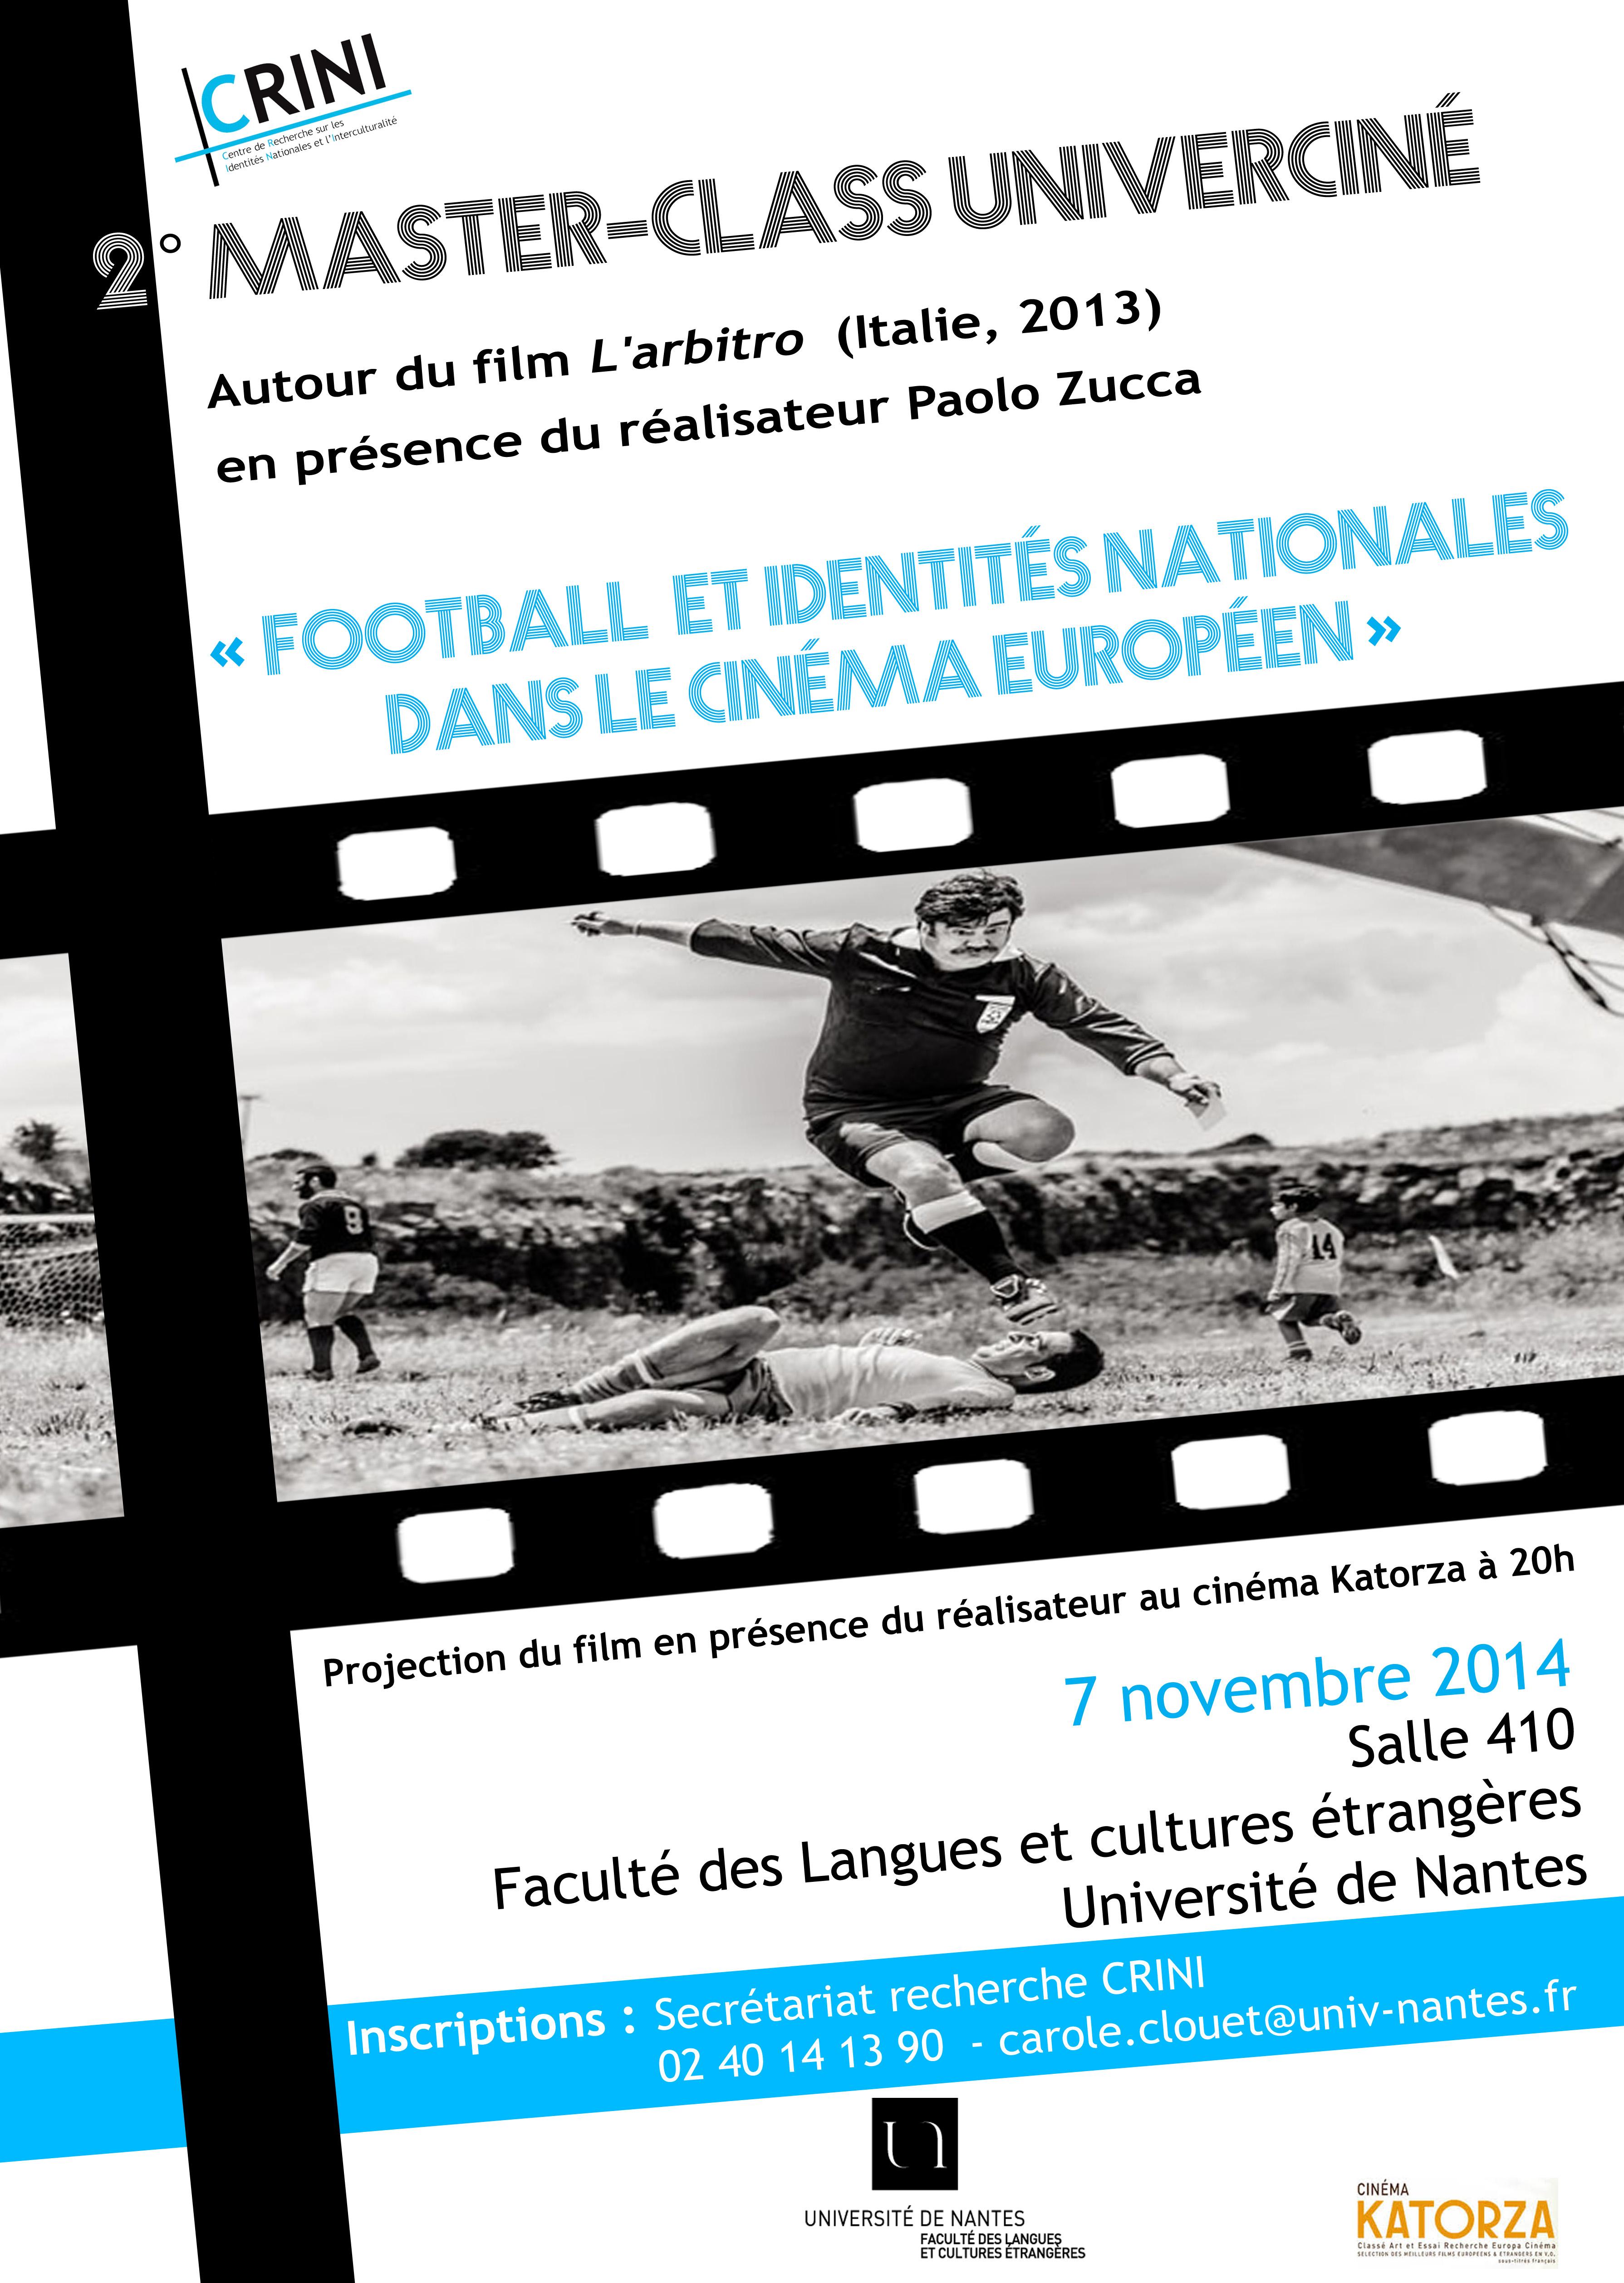 2e master-class Univerciné « Football et identités nationales dans le cinéma européen »